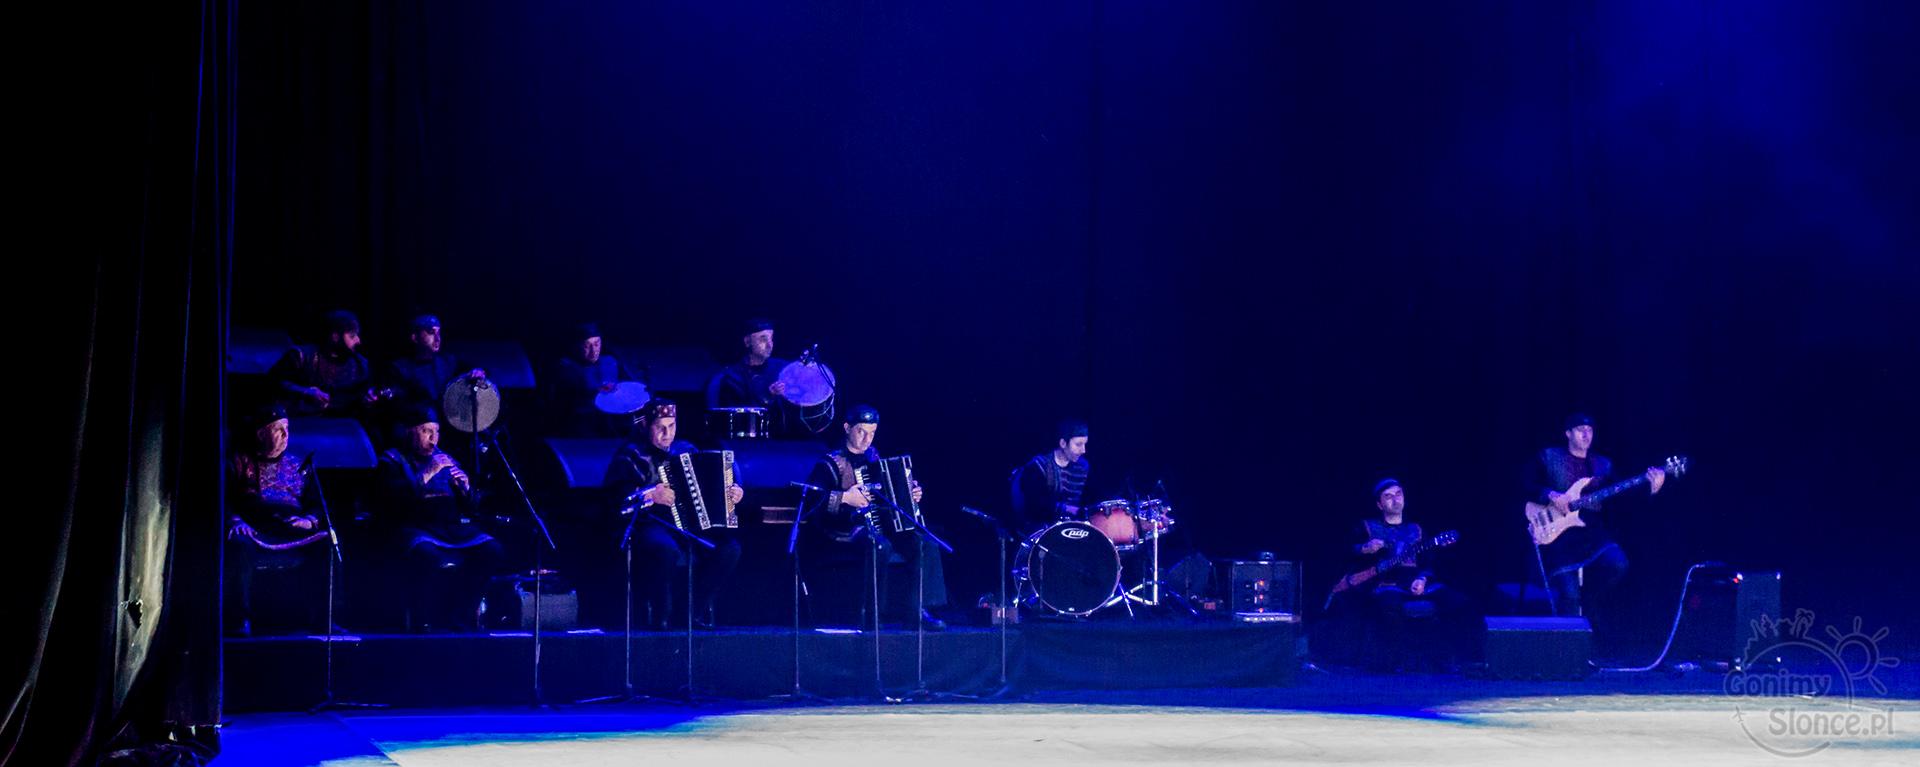 Narodowy Balet Gruzji Sukhishvili 09 - orkiestra na żywo - blog kulturalny